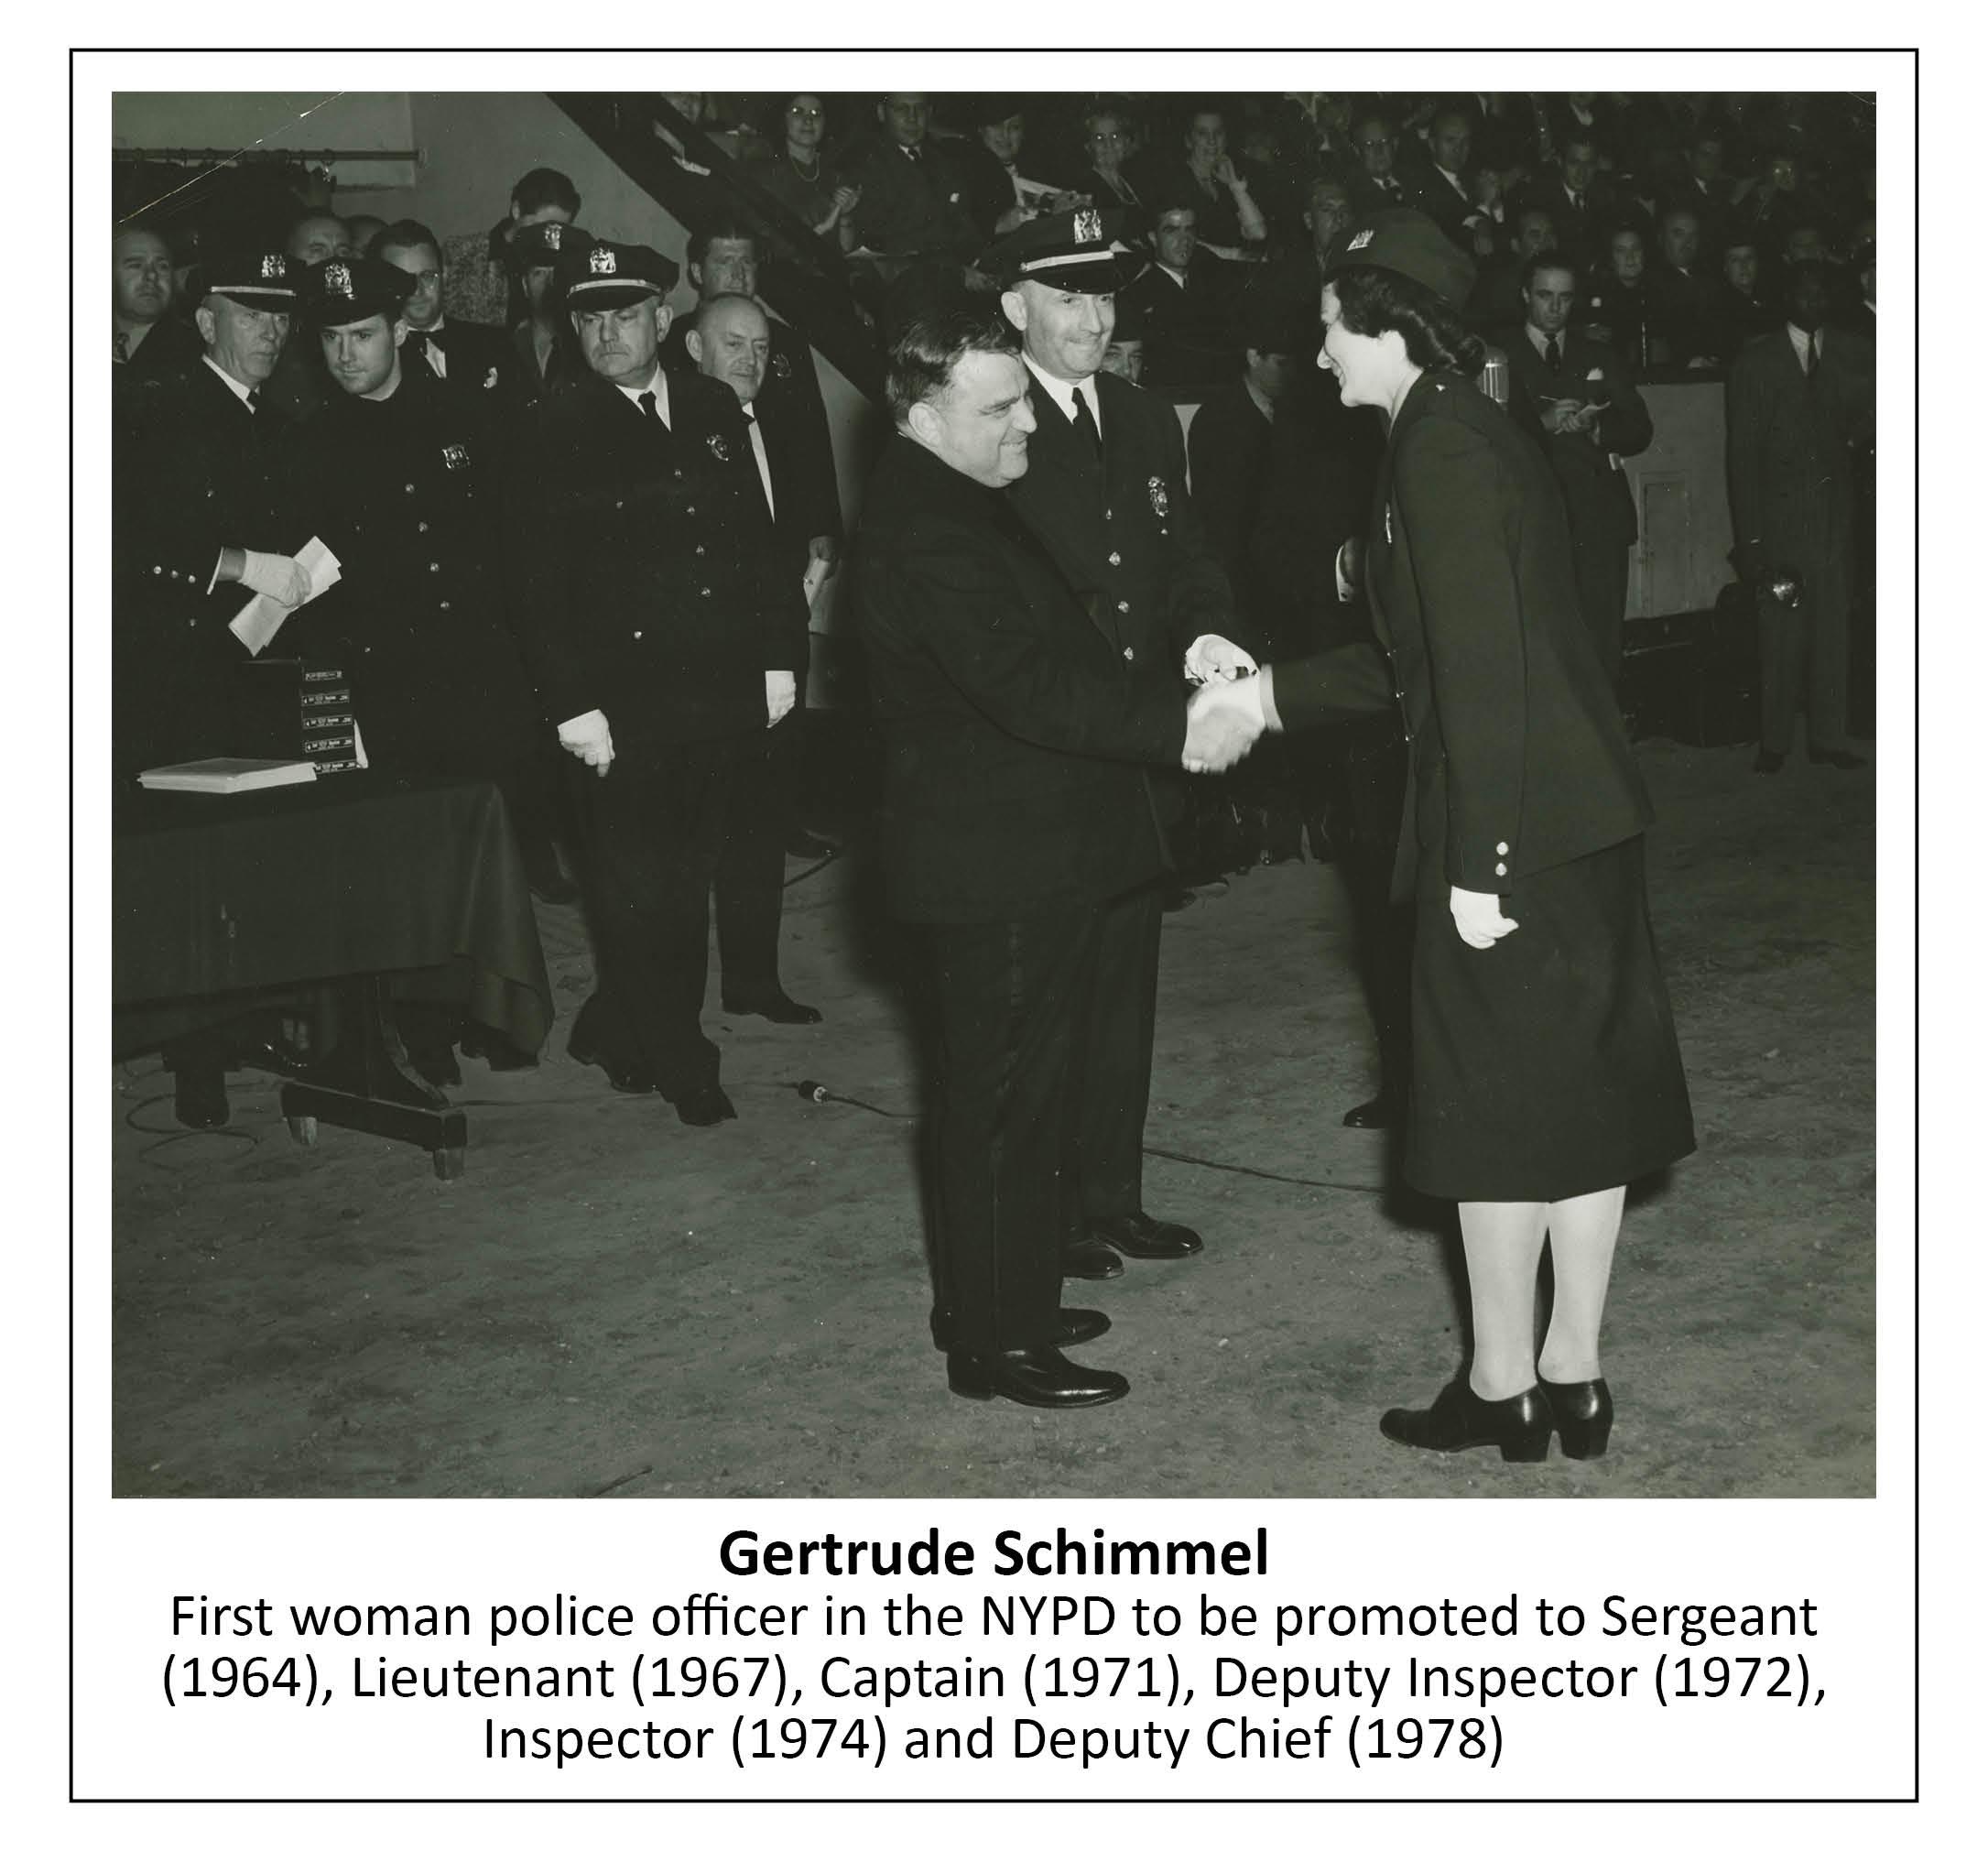 gmss4_Gertrude Schimmel.jpg